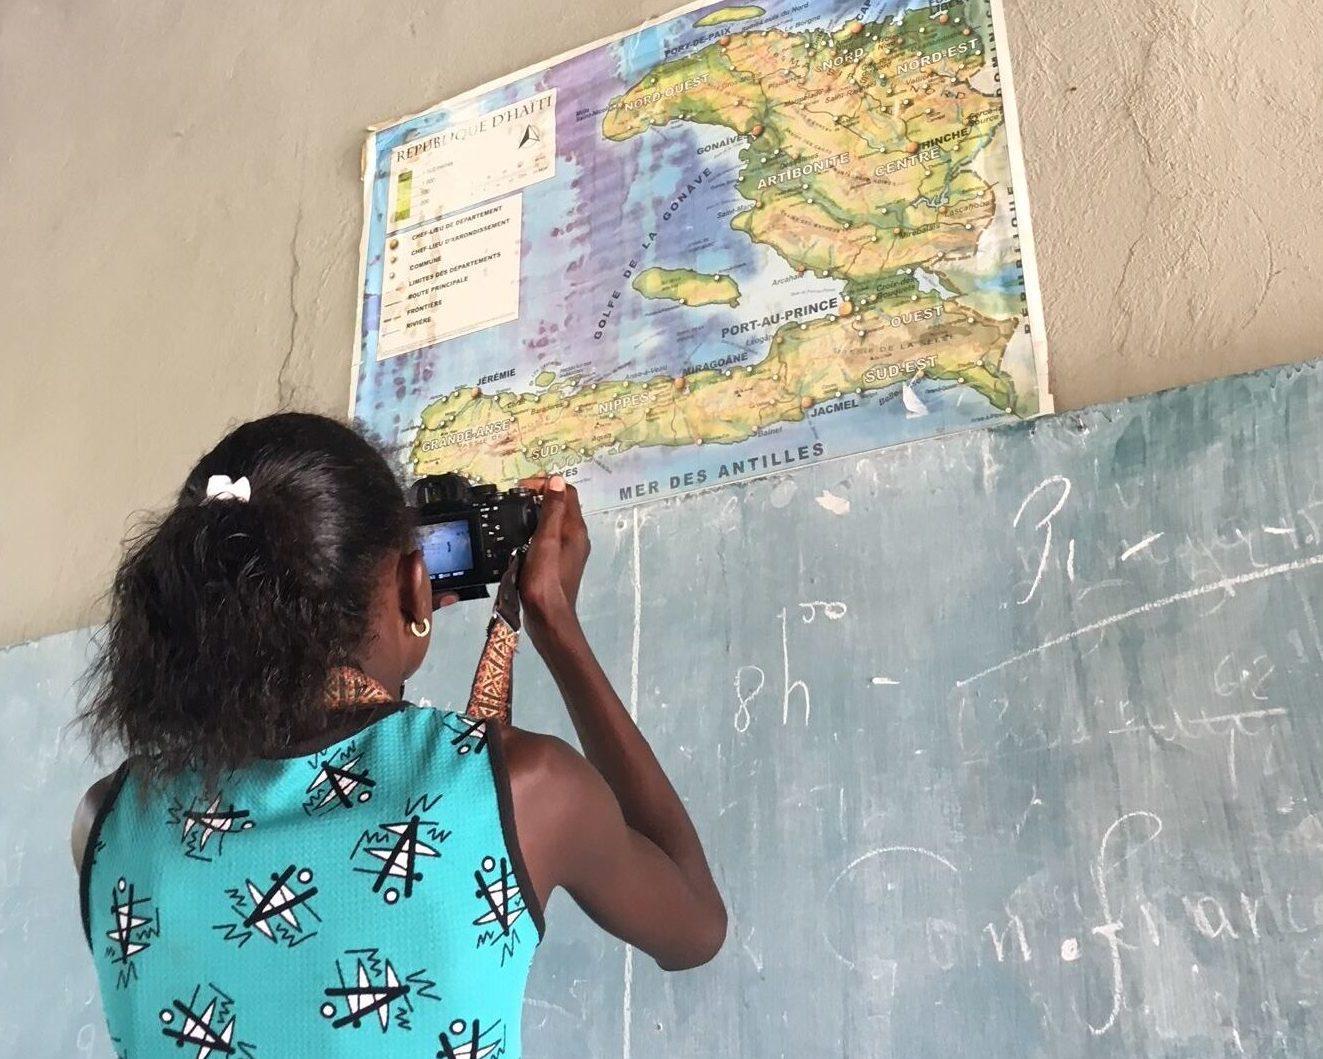 haiti-central-plataeu-photography-e1538423550817